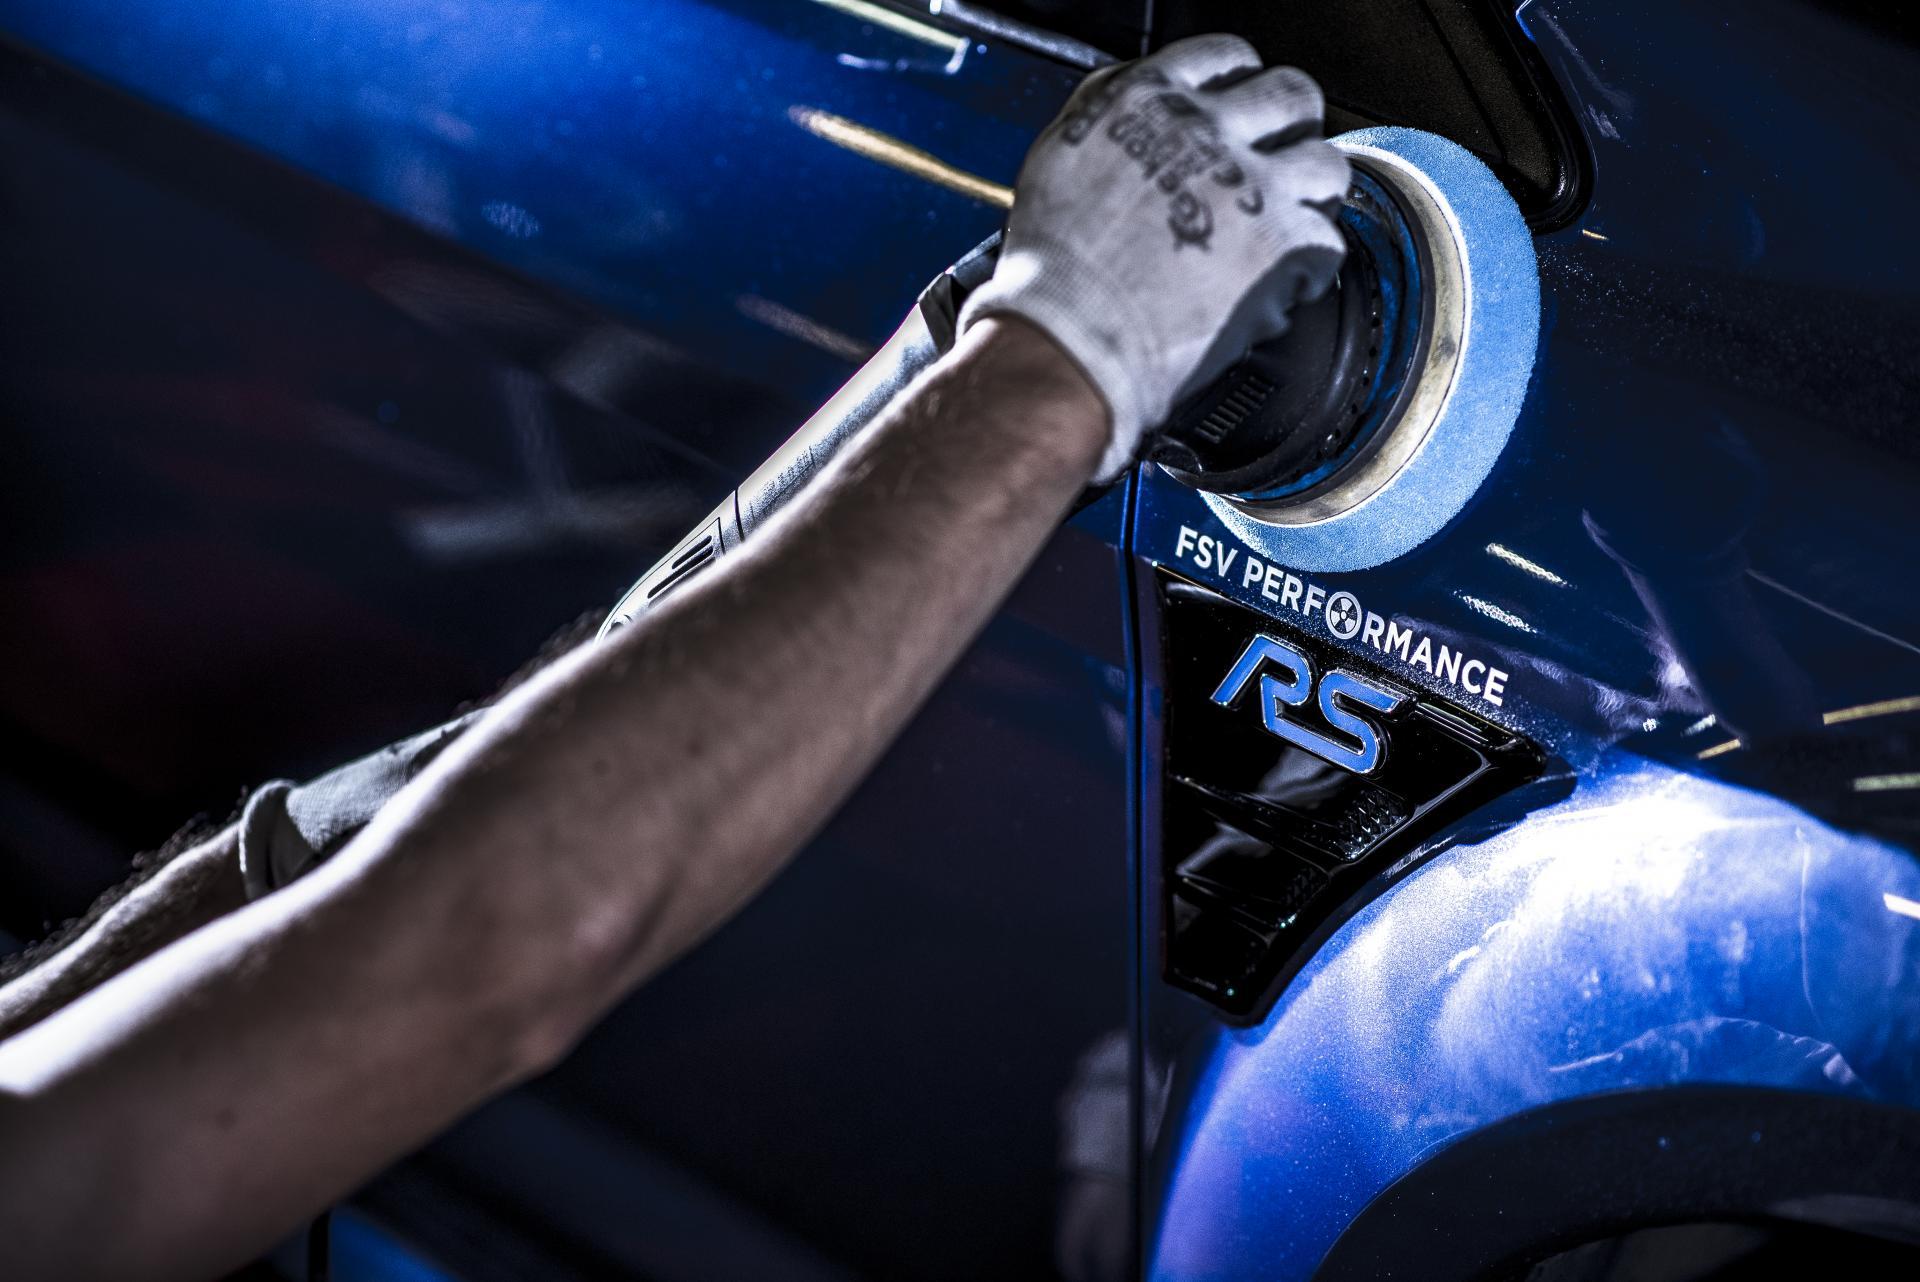 Ford Focus II RS usuwanie detal